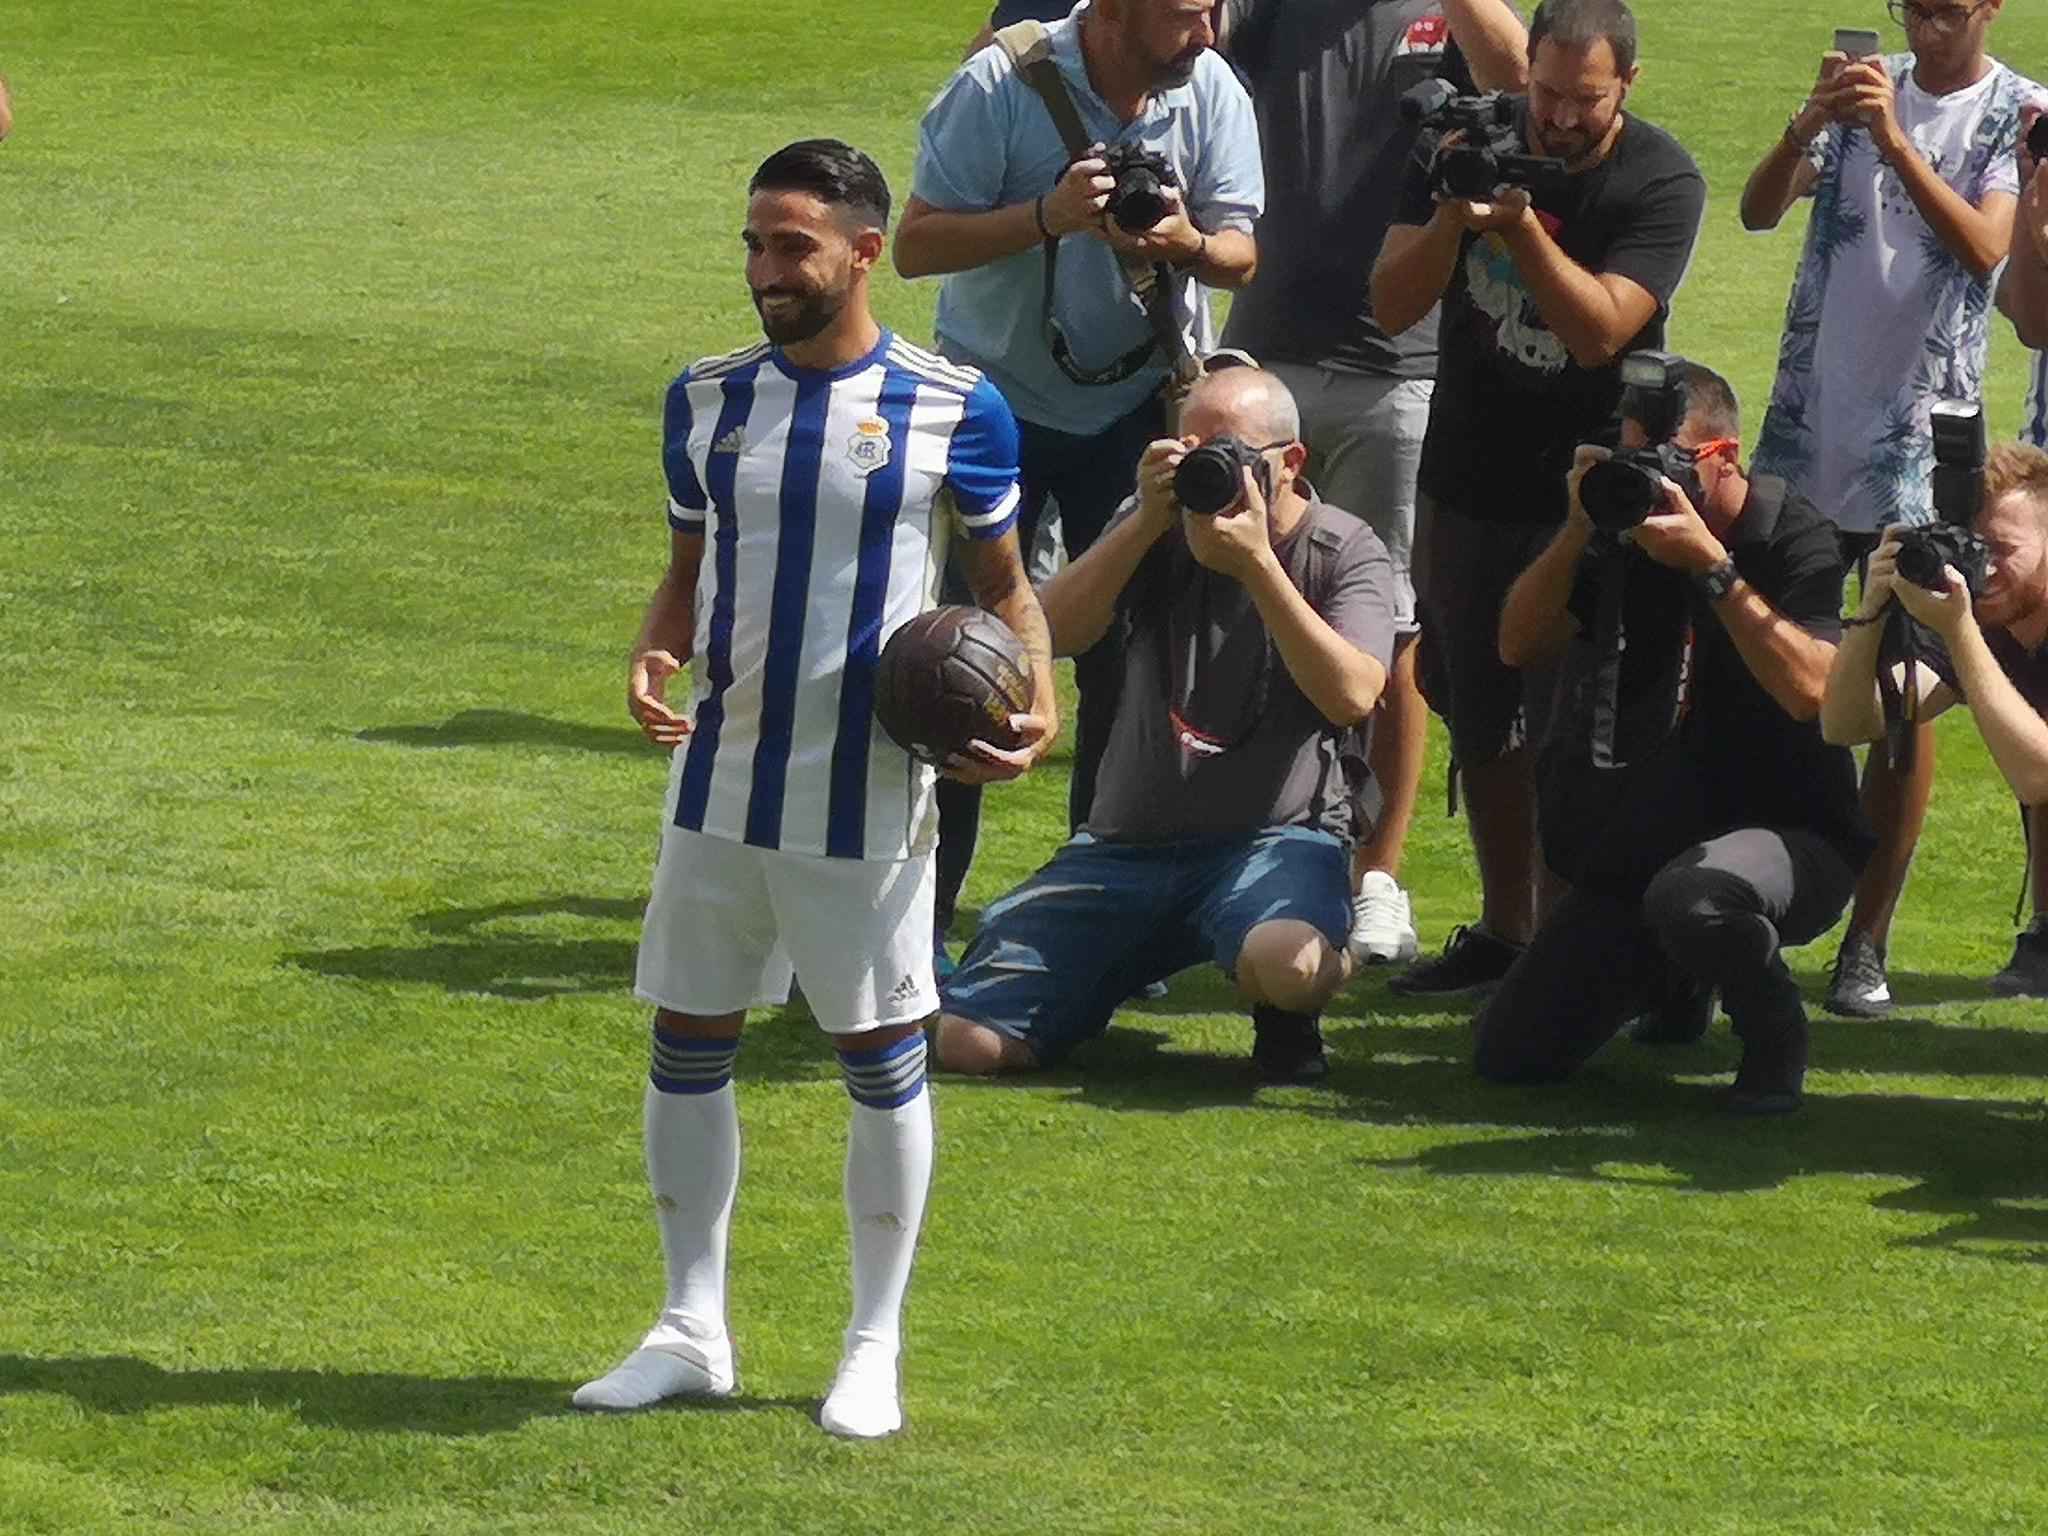 Presentacion del Nuevo Jugador del Recreativo de Huelva, Chuli Vázquez